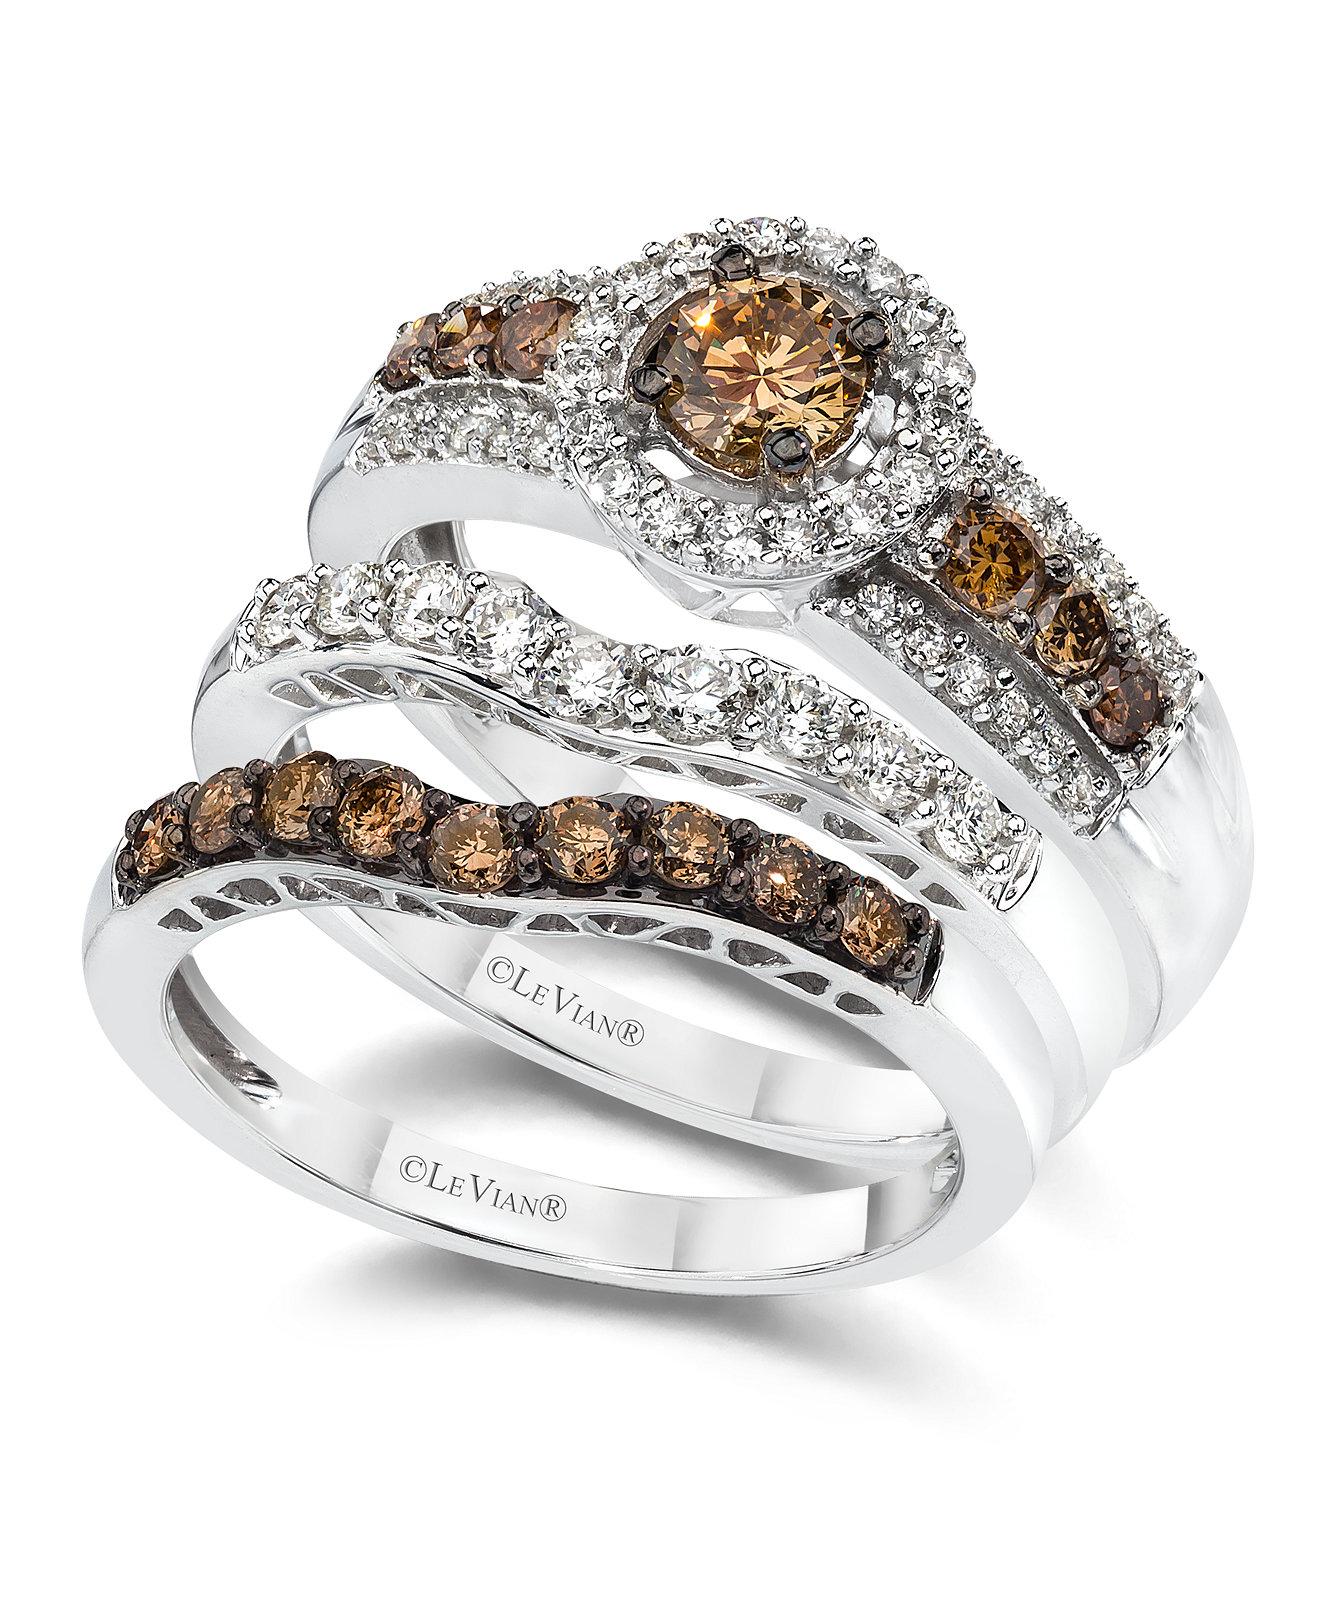 Unique Chocolate Diamond Ring Men